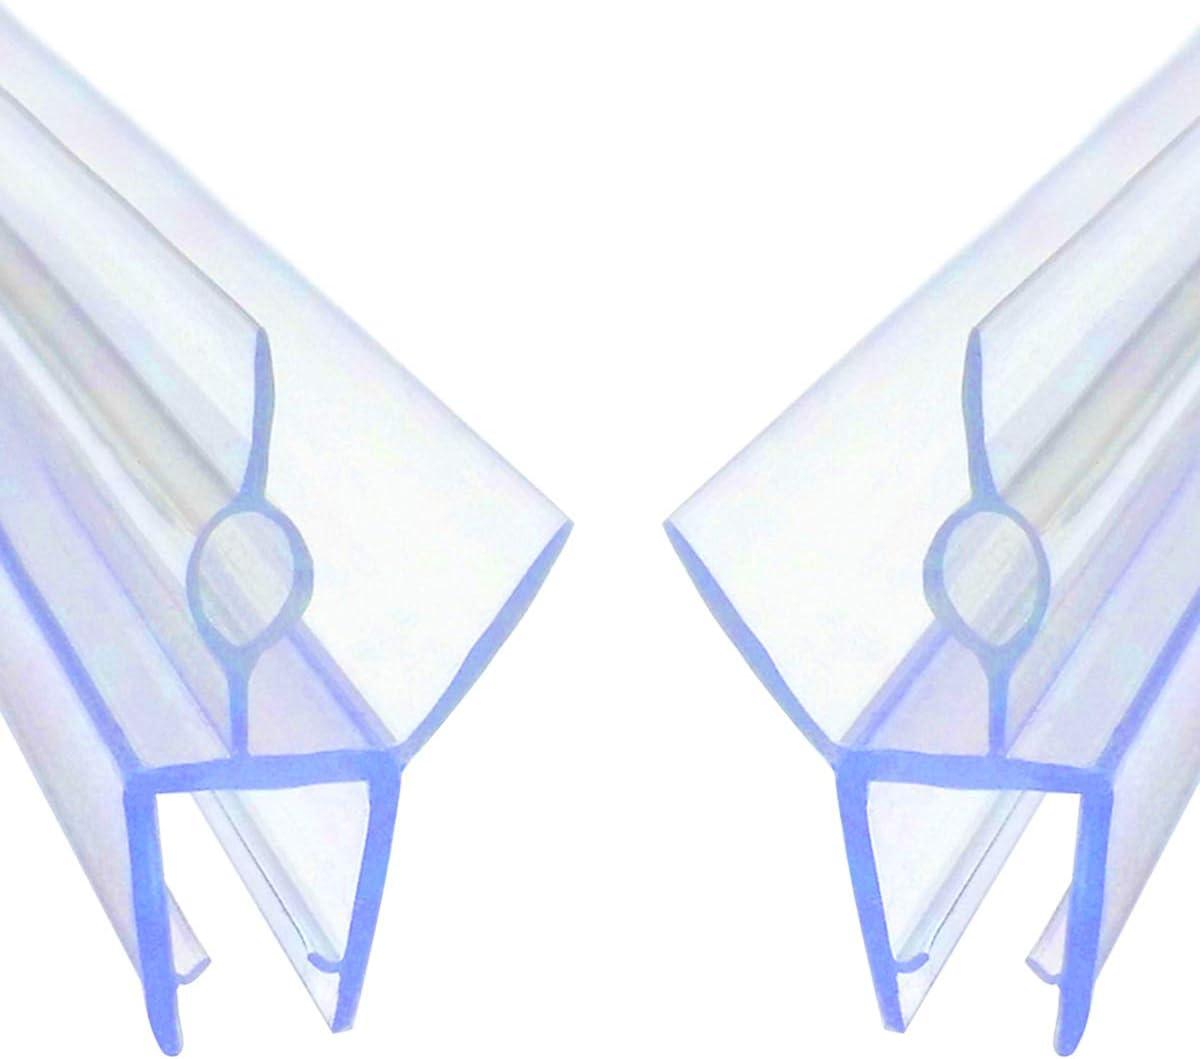 Tira De Sellado De La Puerta De La Pantalla De Ducha para Grosor De Vidrio De 10mm ECYC Tira De Goma Pl/áStica del Sello De La Puerta De La Pantalla De Ducha del Ba/ñO 10mm Longitud 70cm